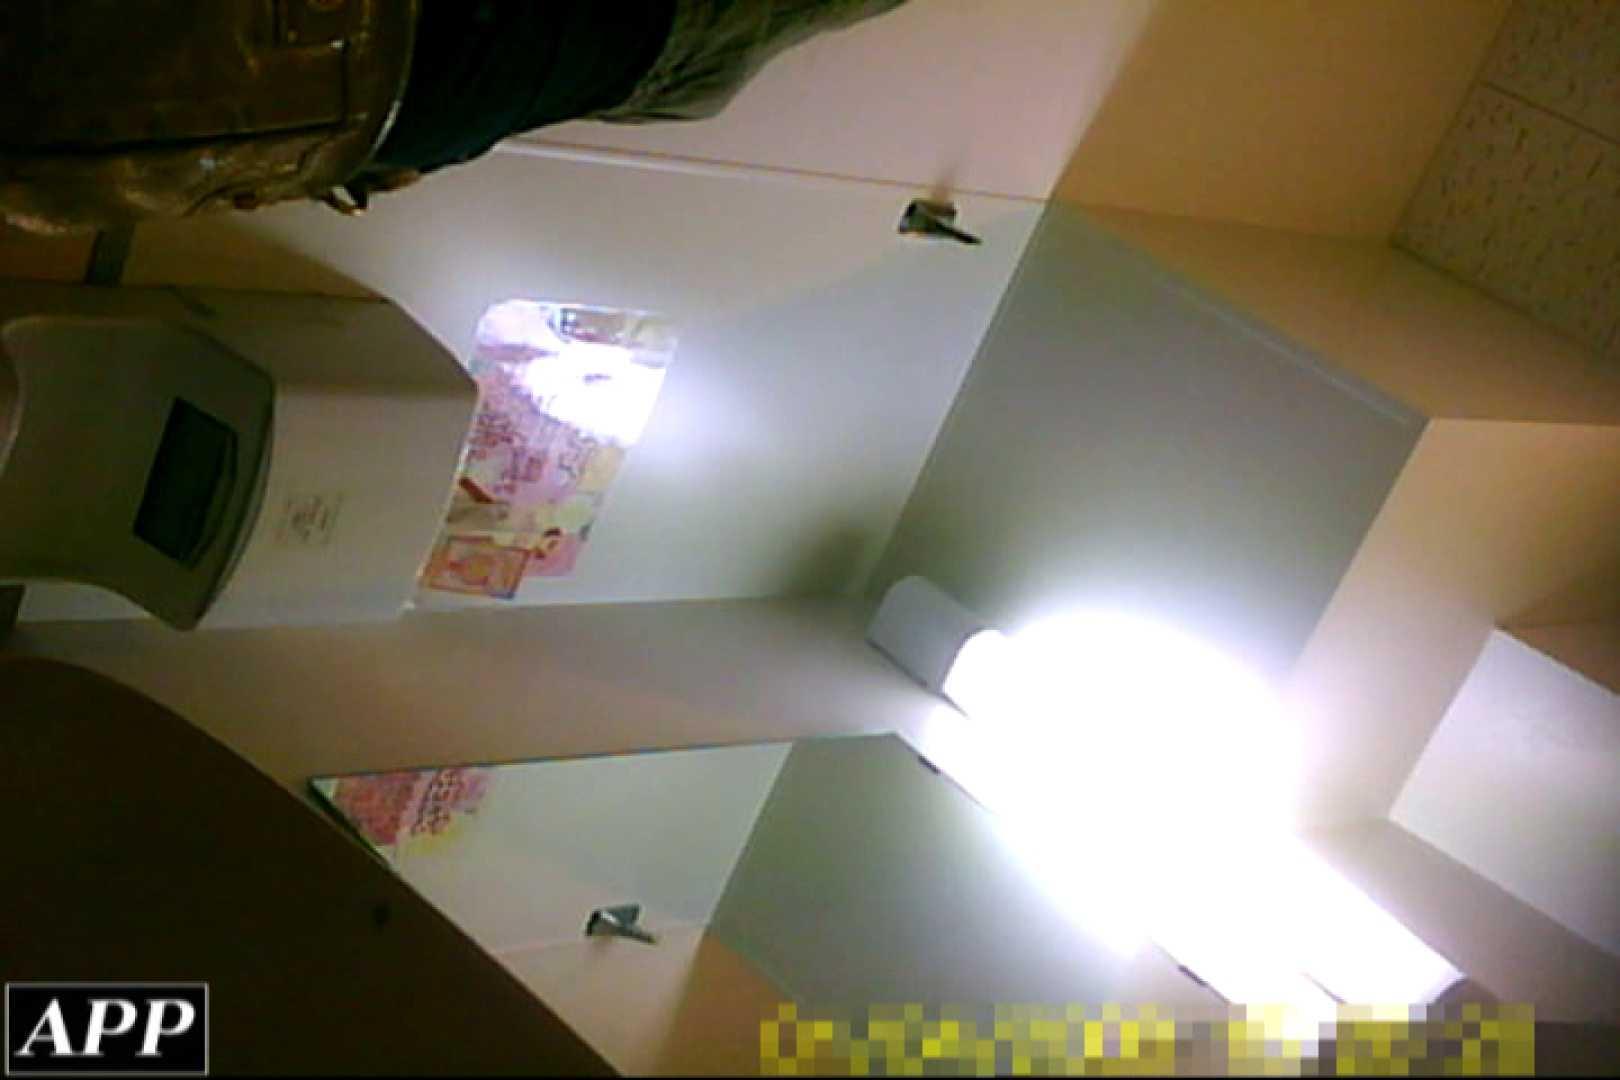 3視点洗面所 vol.03 ギャルのオマンコ 盗撮動画紹介 102pic 77